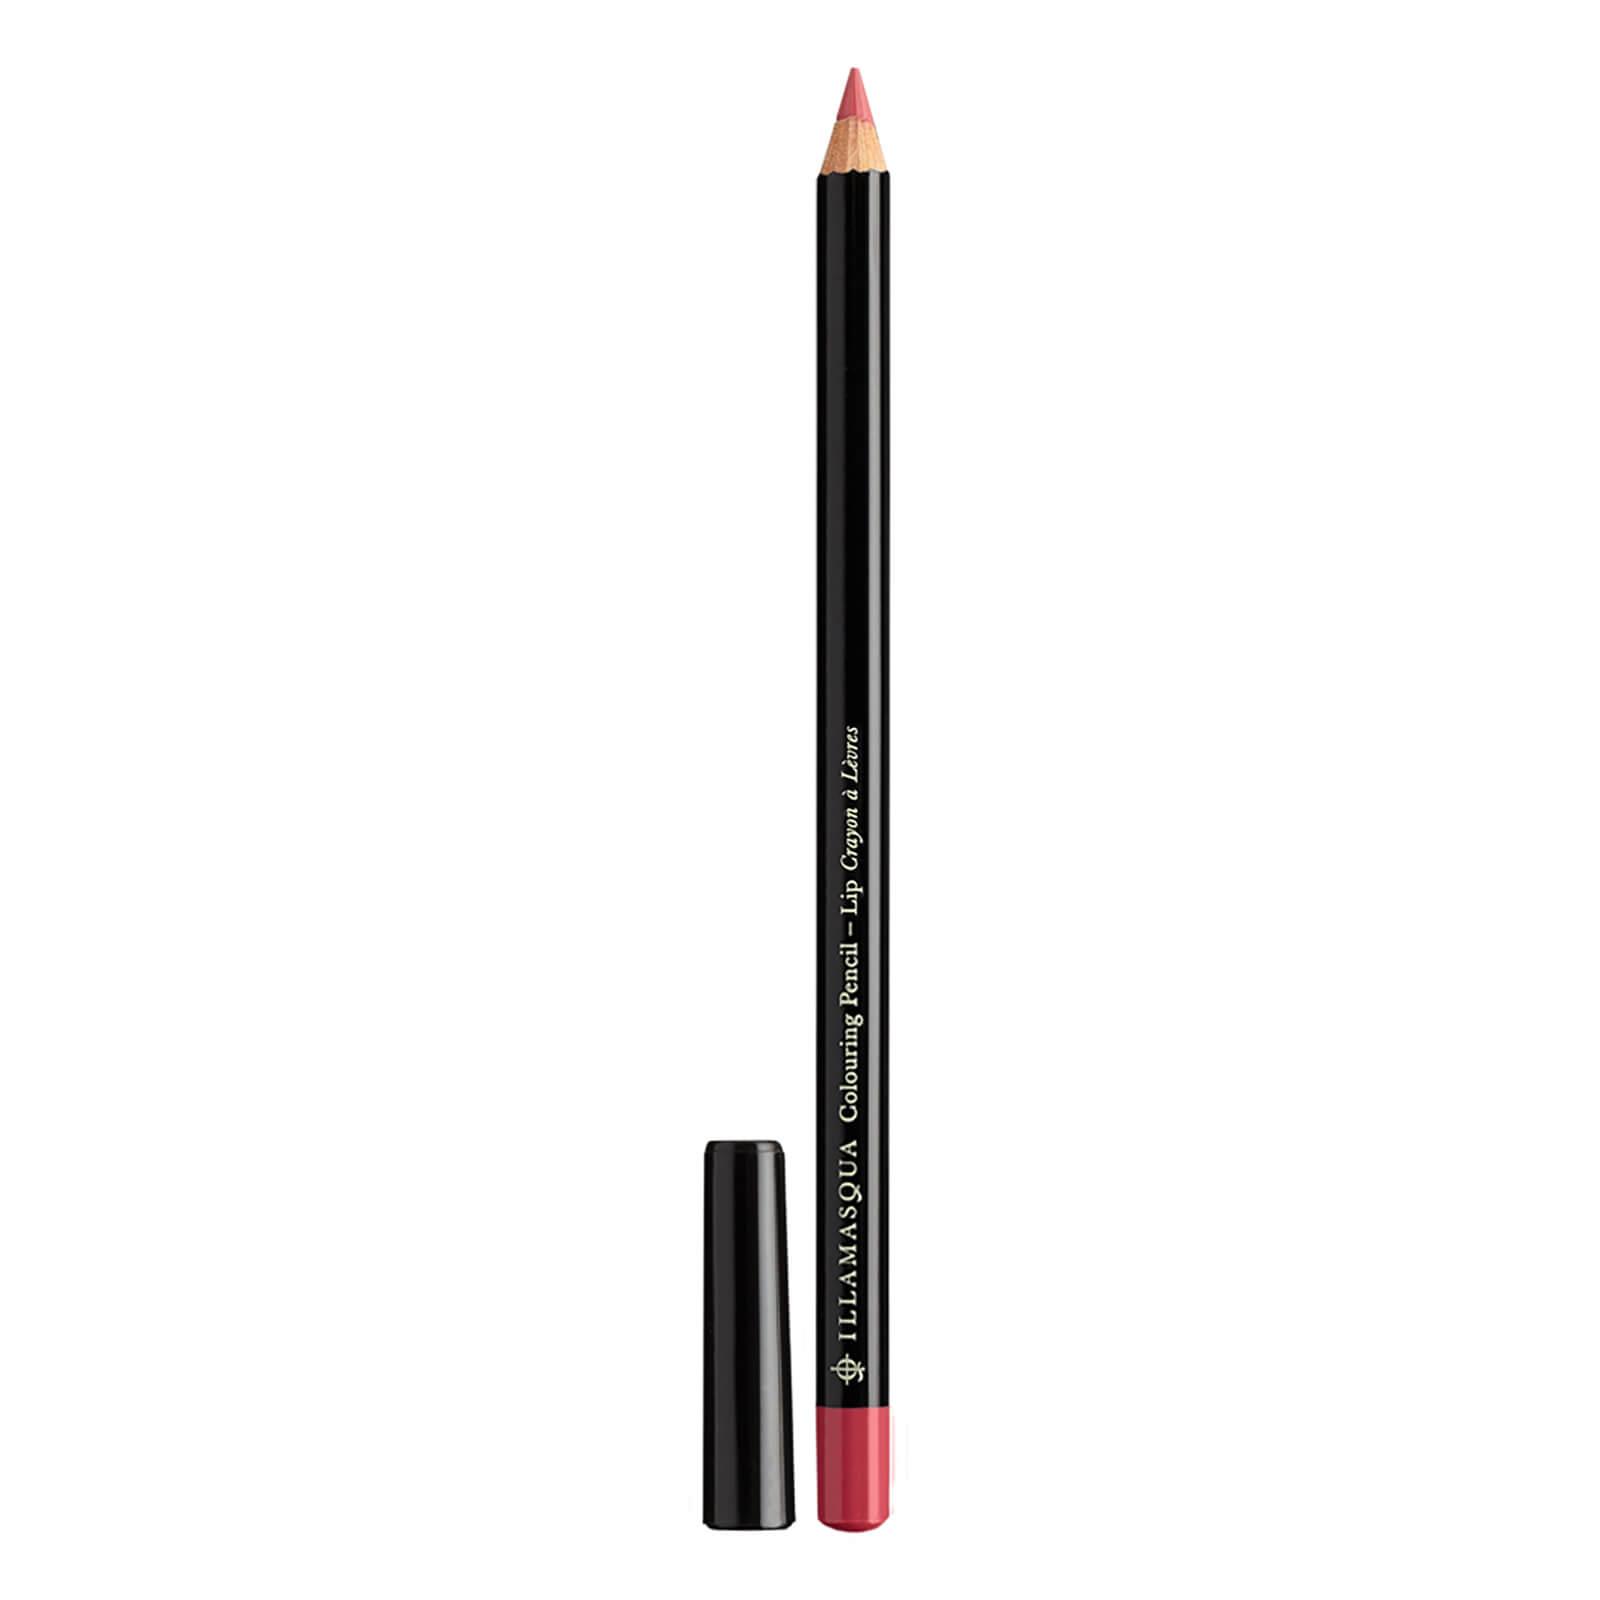 Illamasqua Colouring Lip Pencil 1.4g (Various Shades) - Media